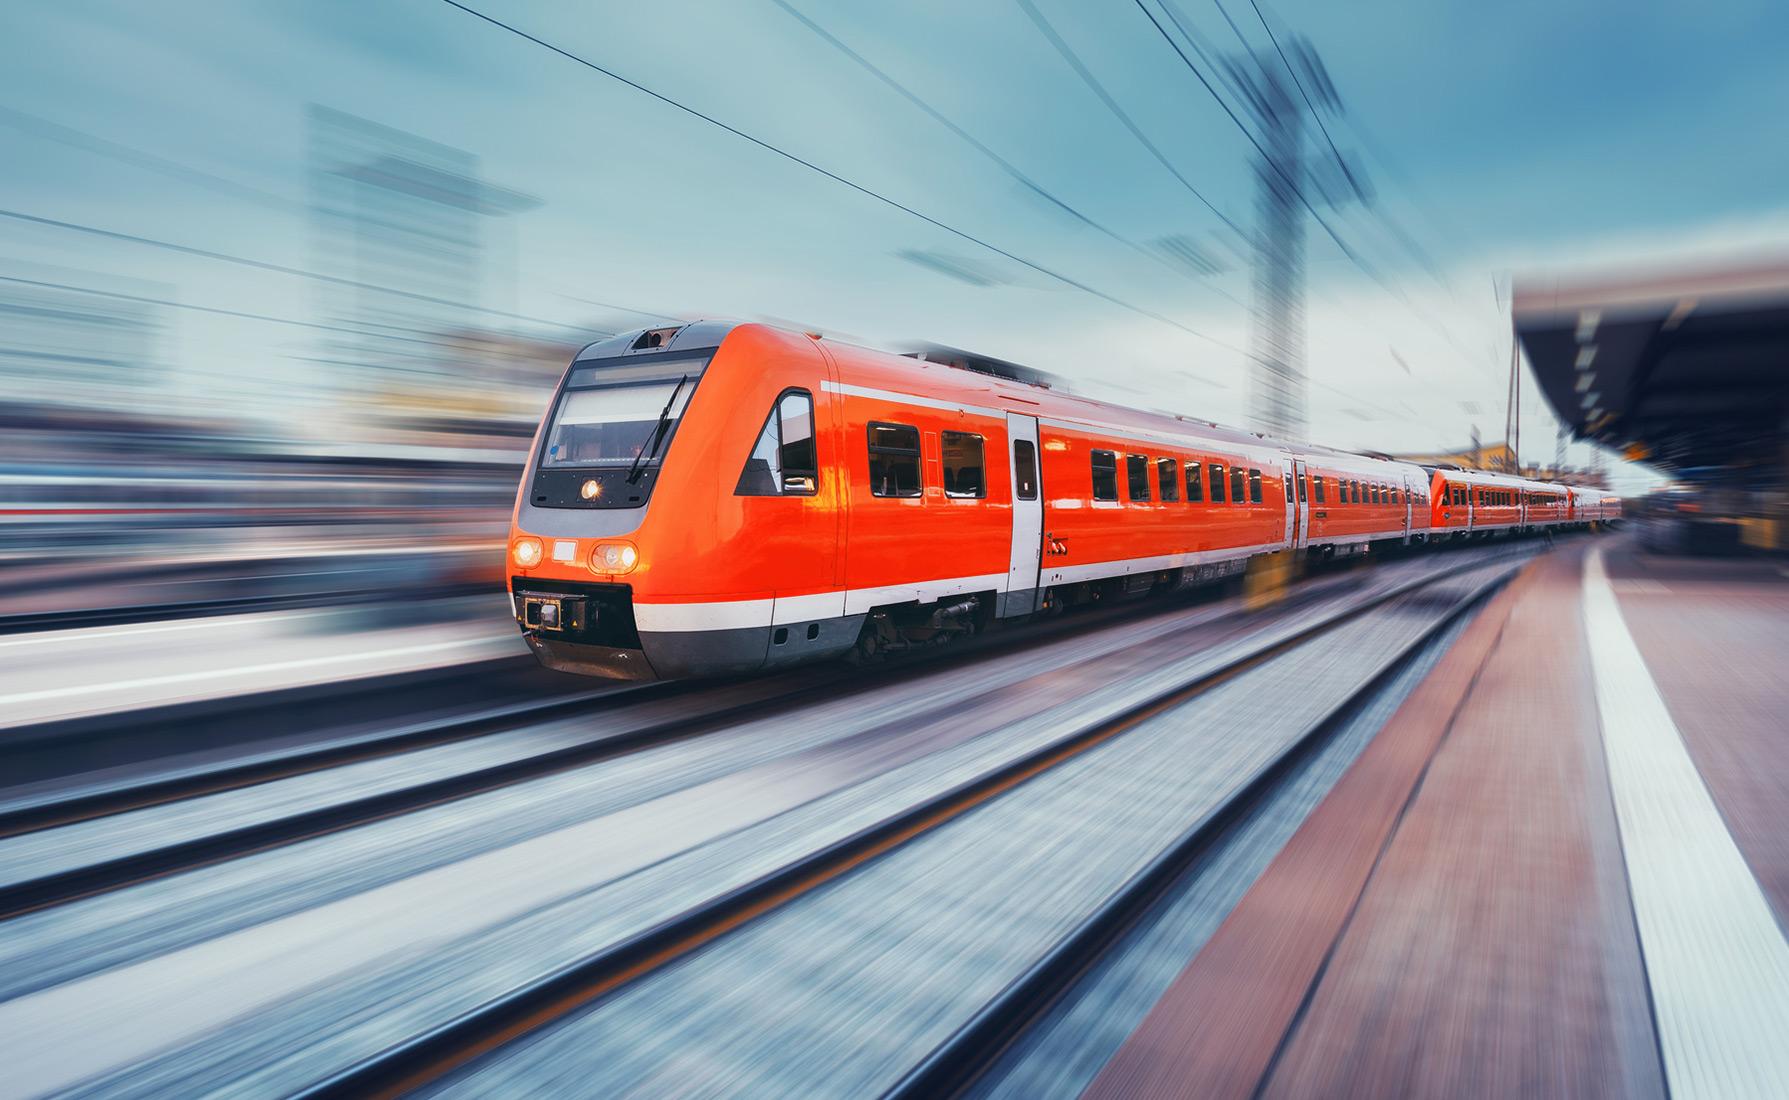 Реклама поезда картинки